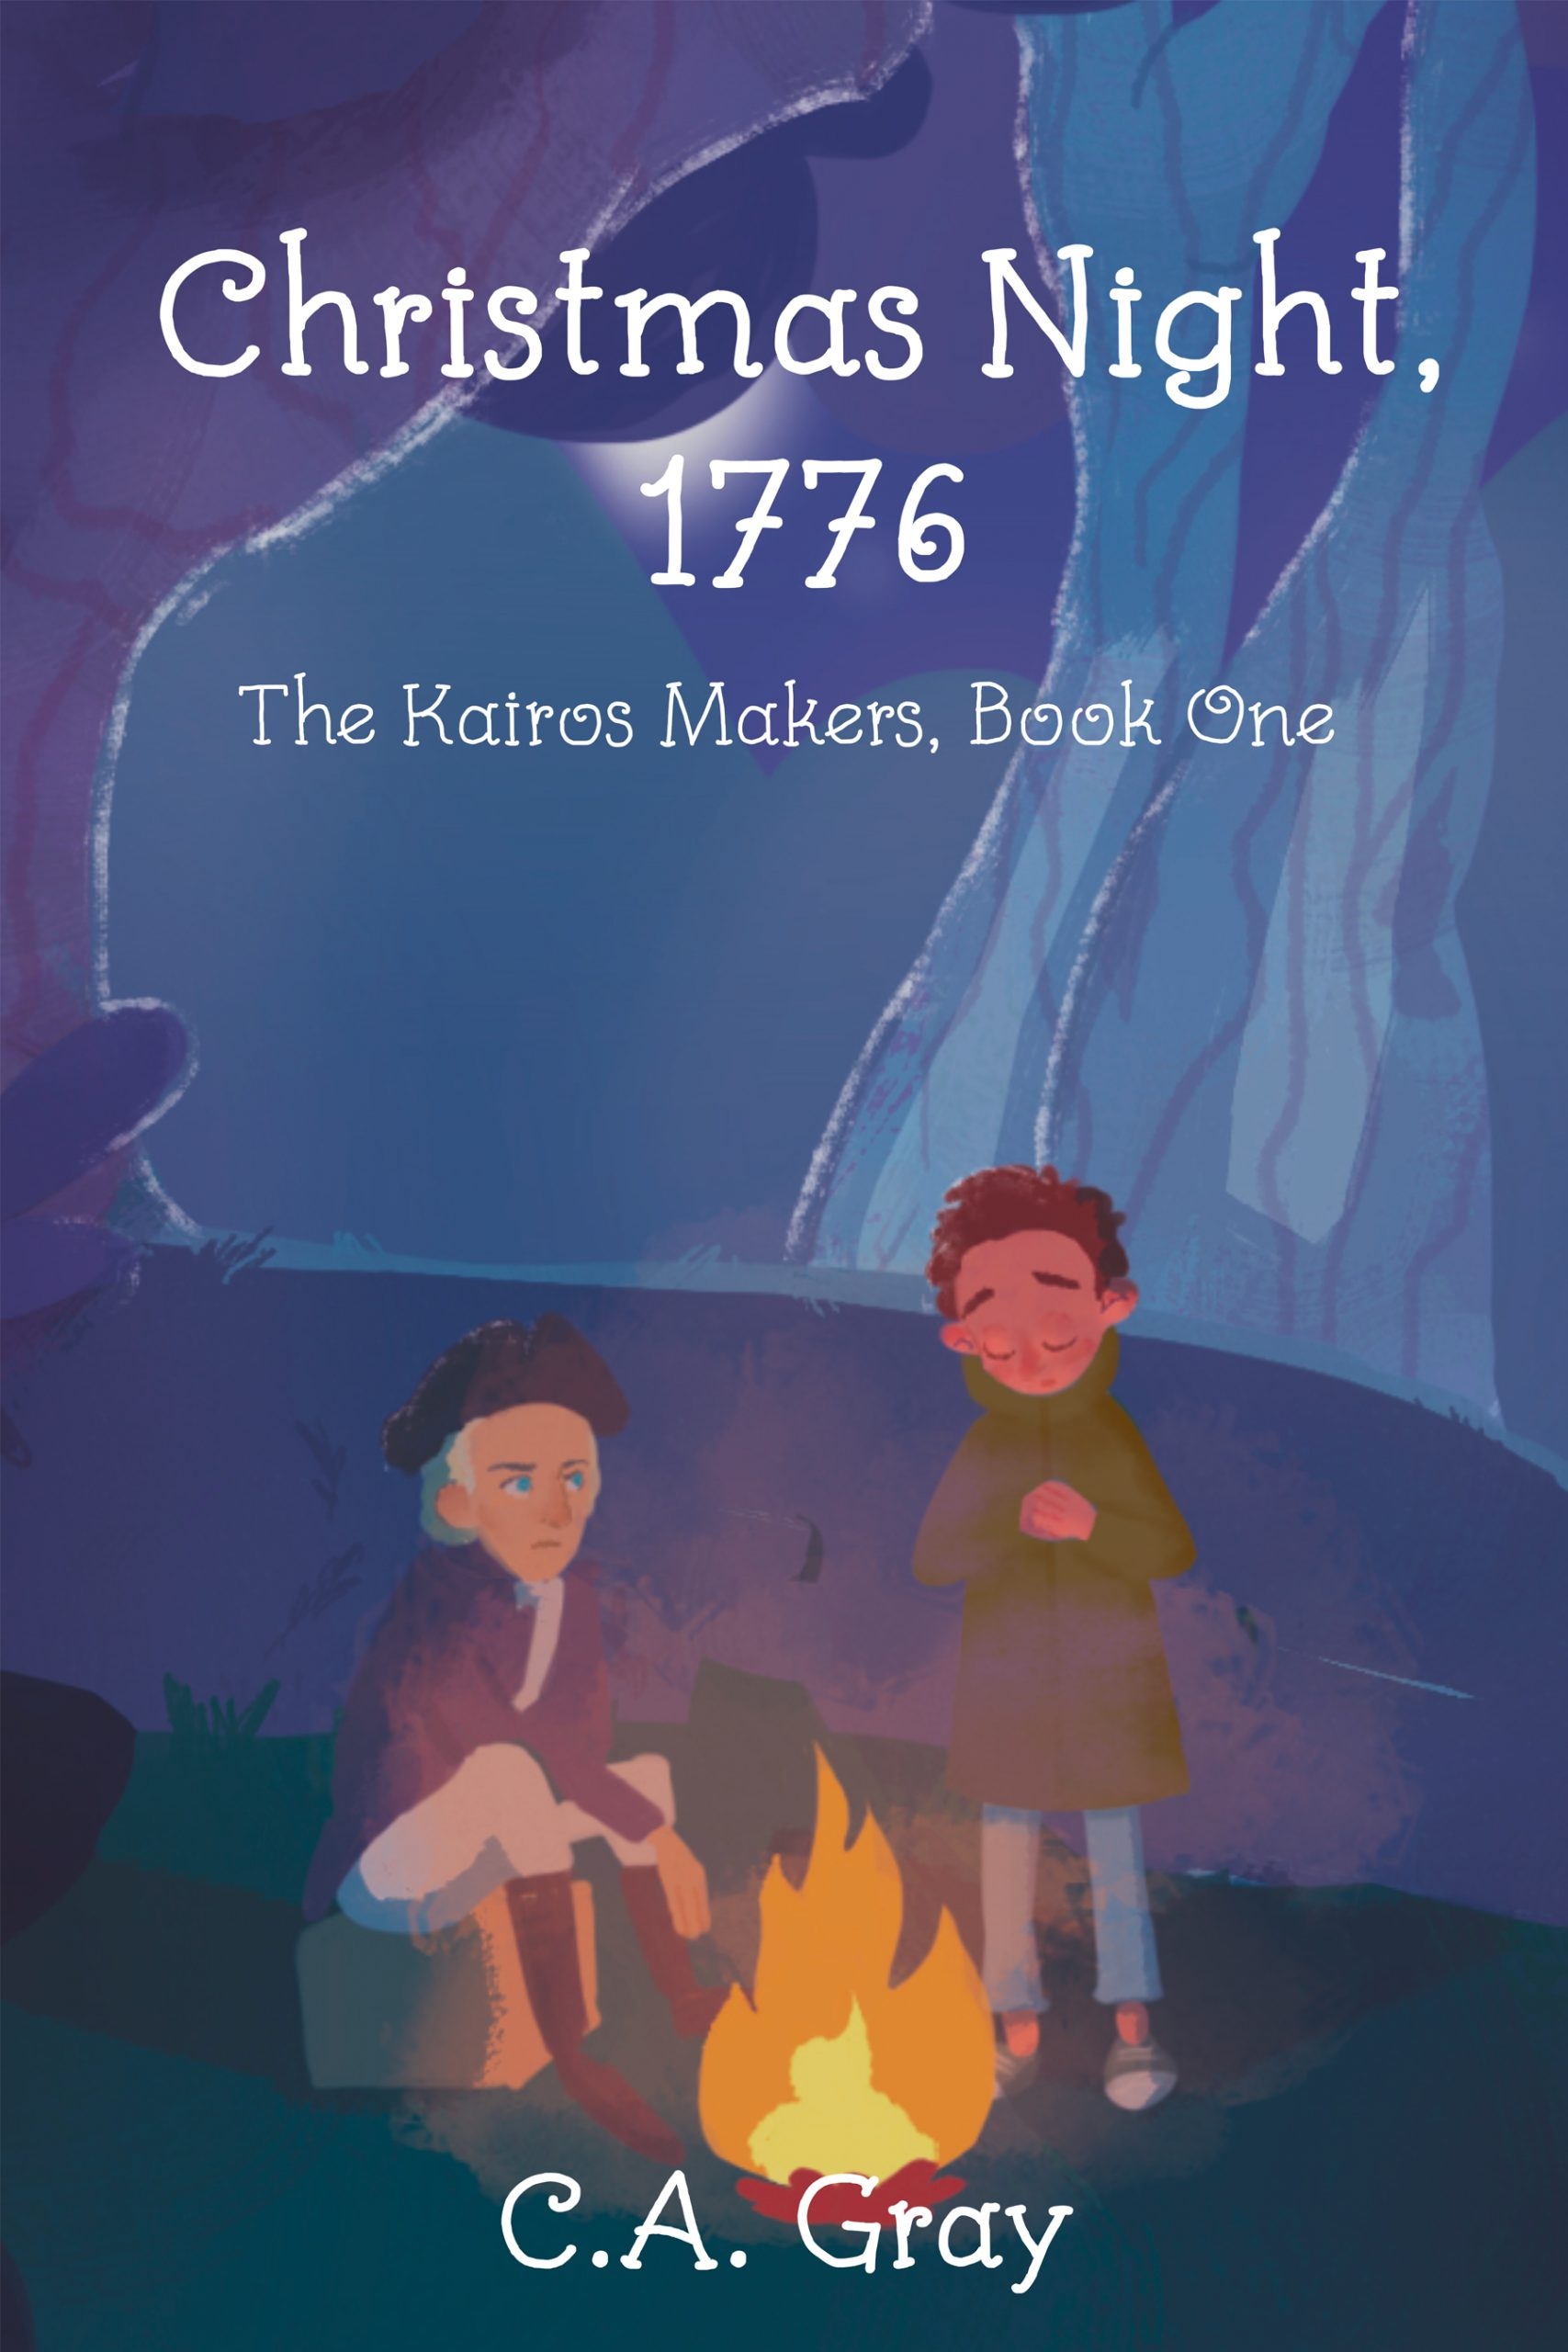 Christmas Night 1776